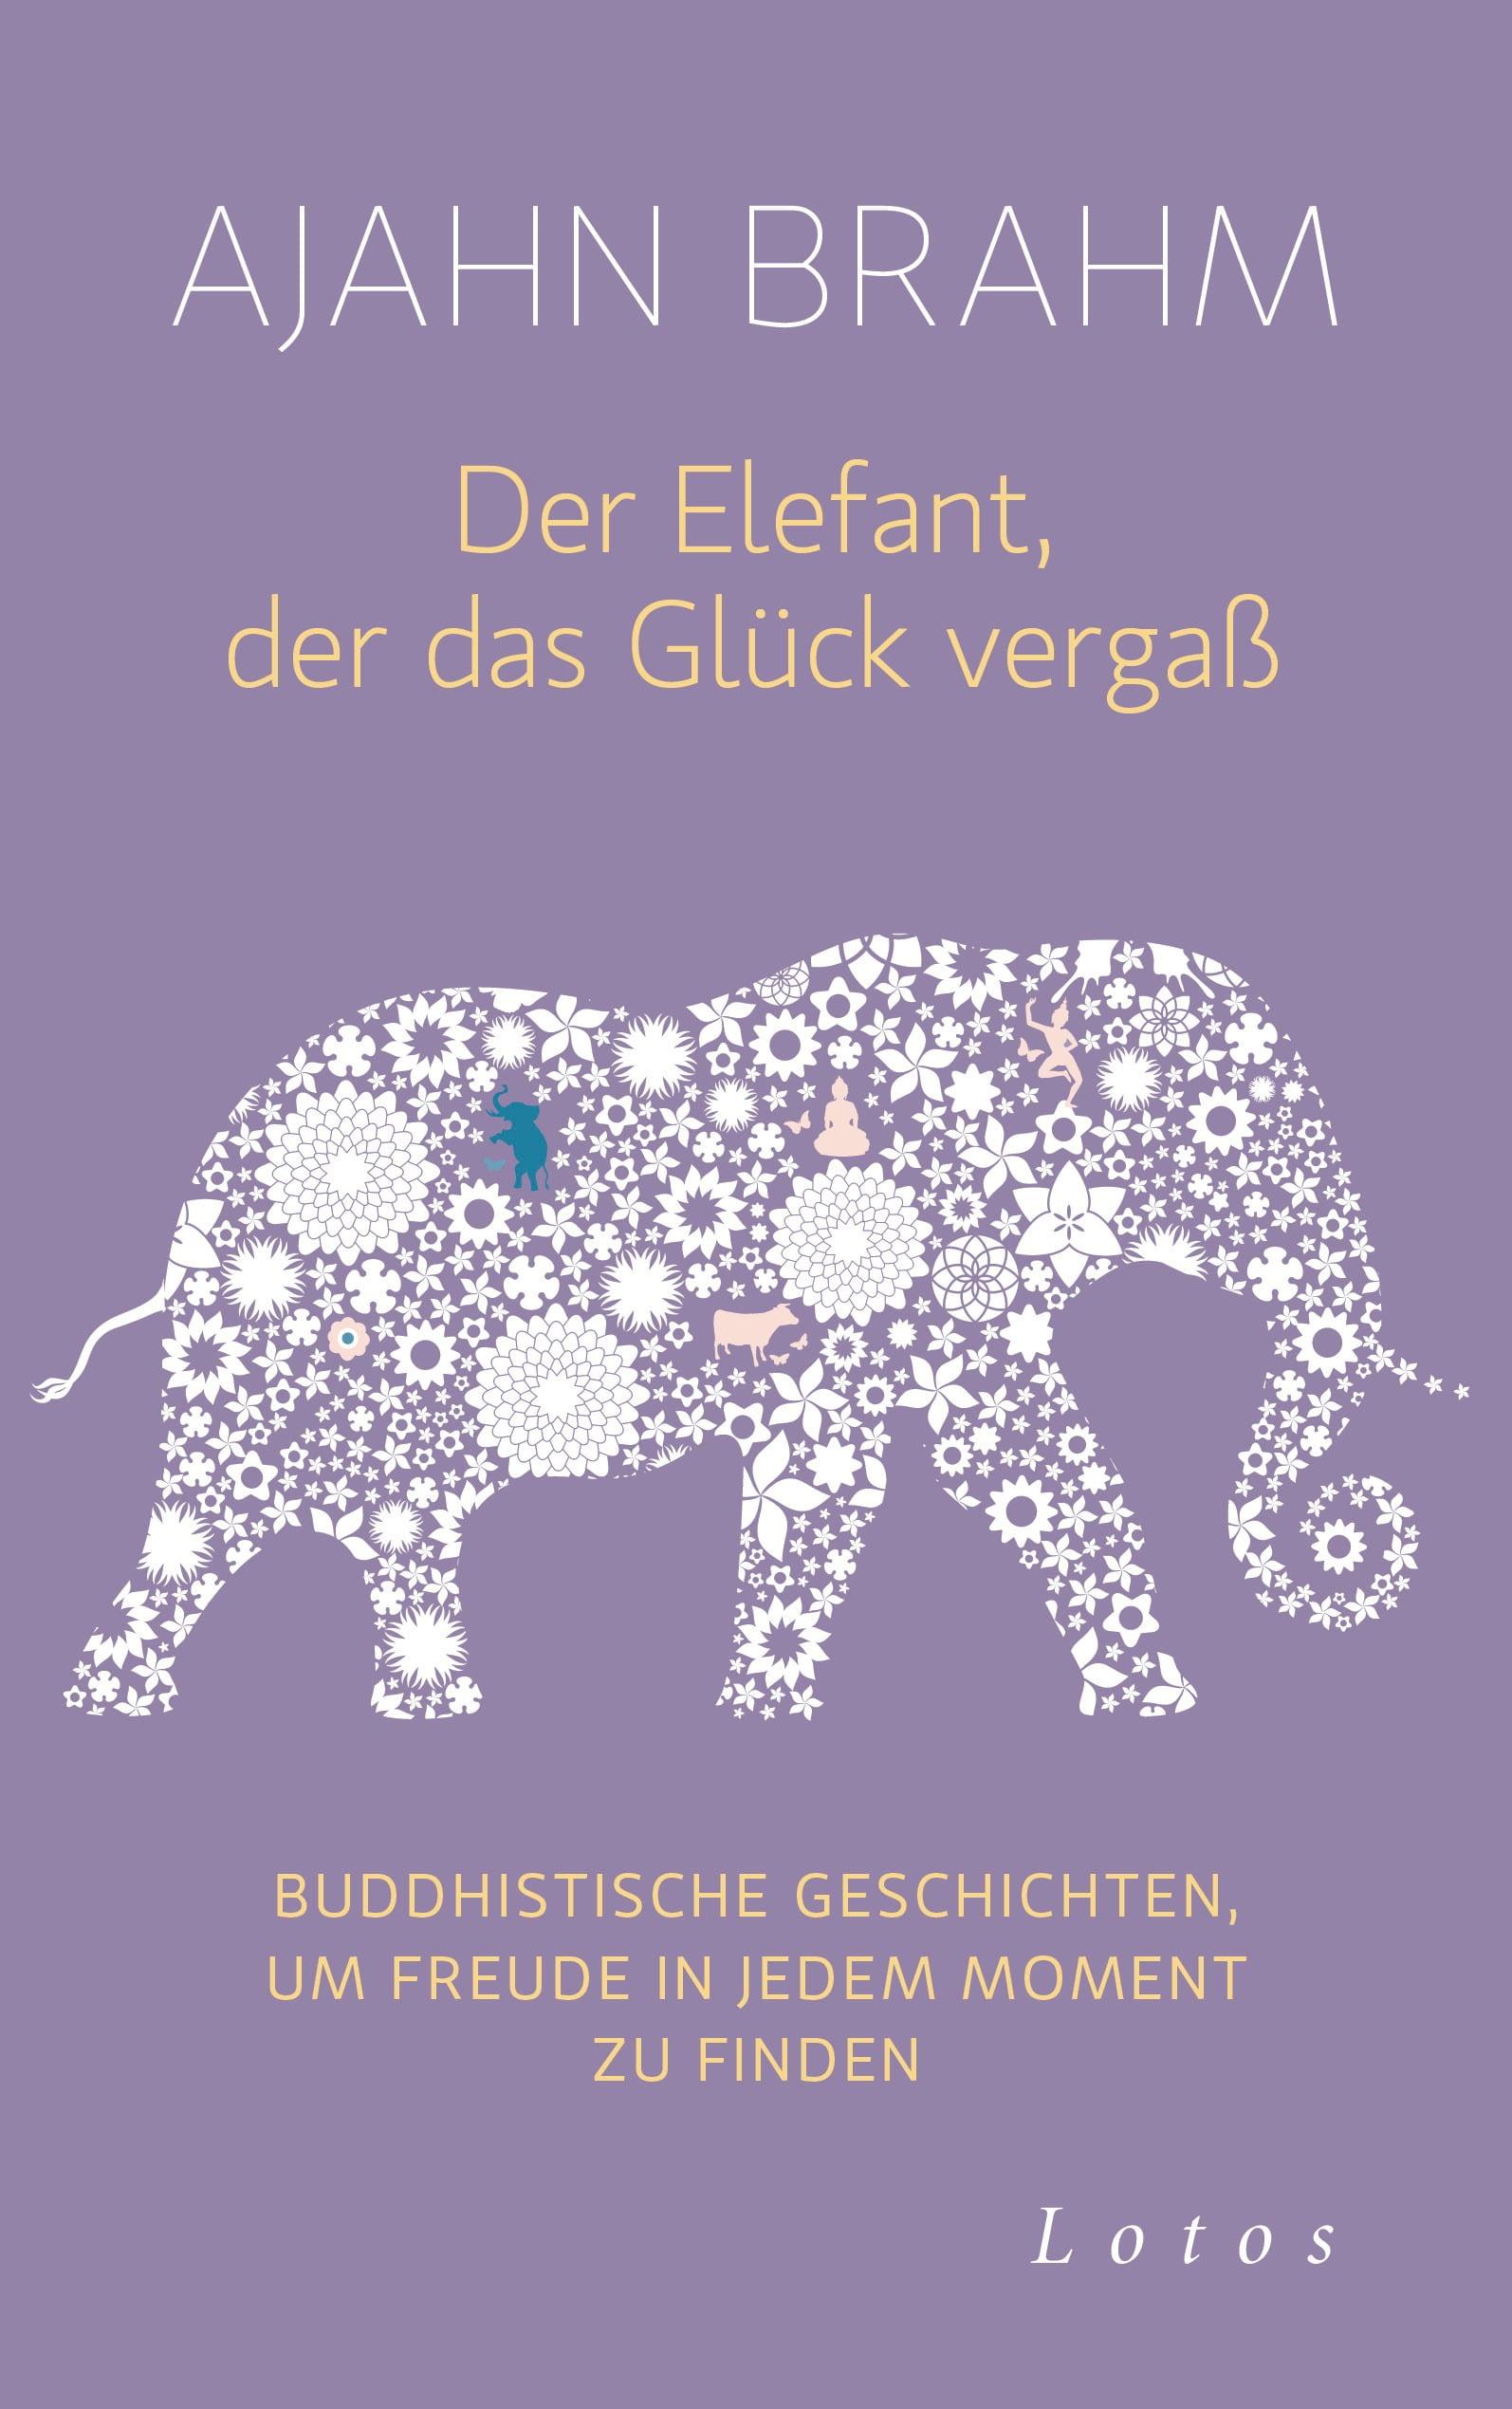 Der Elefant der das Glueck vergass von Ajahn Brahm